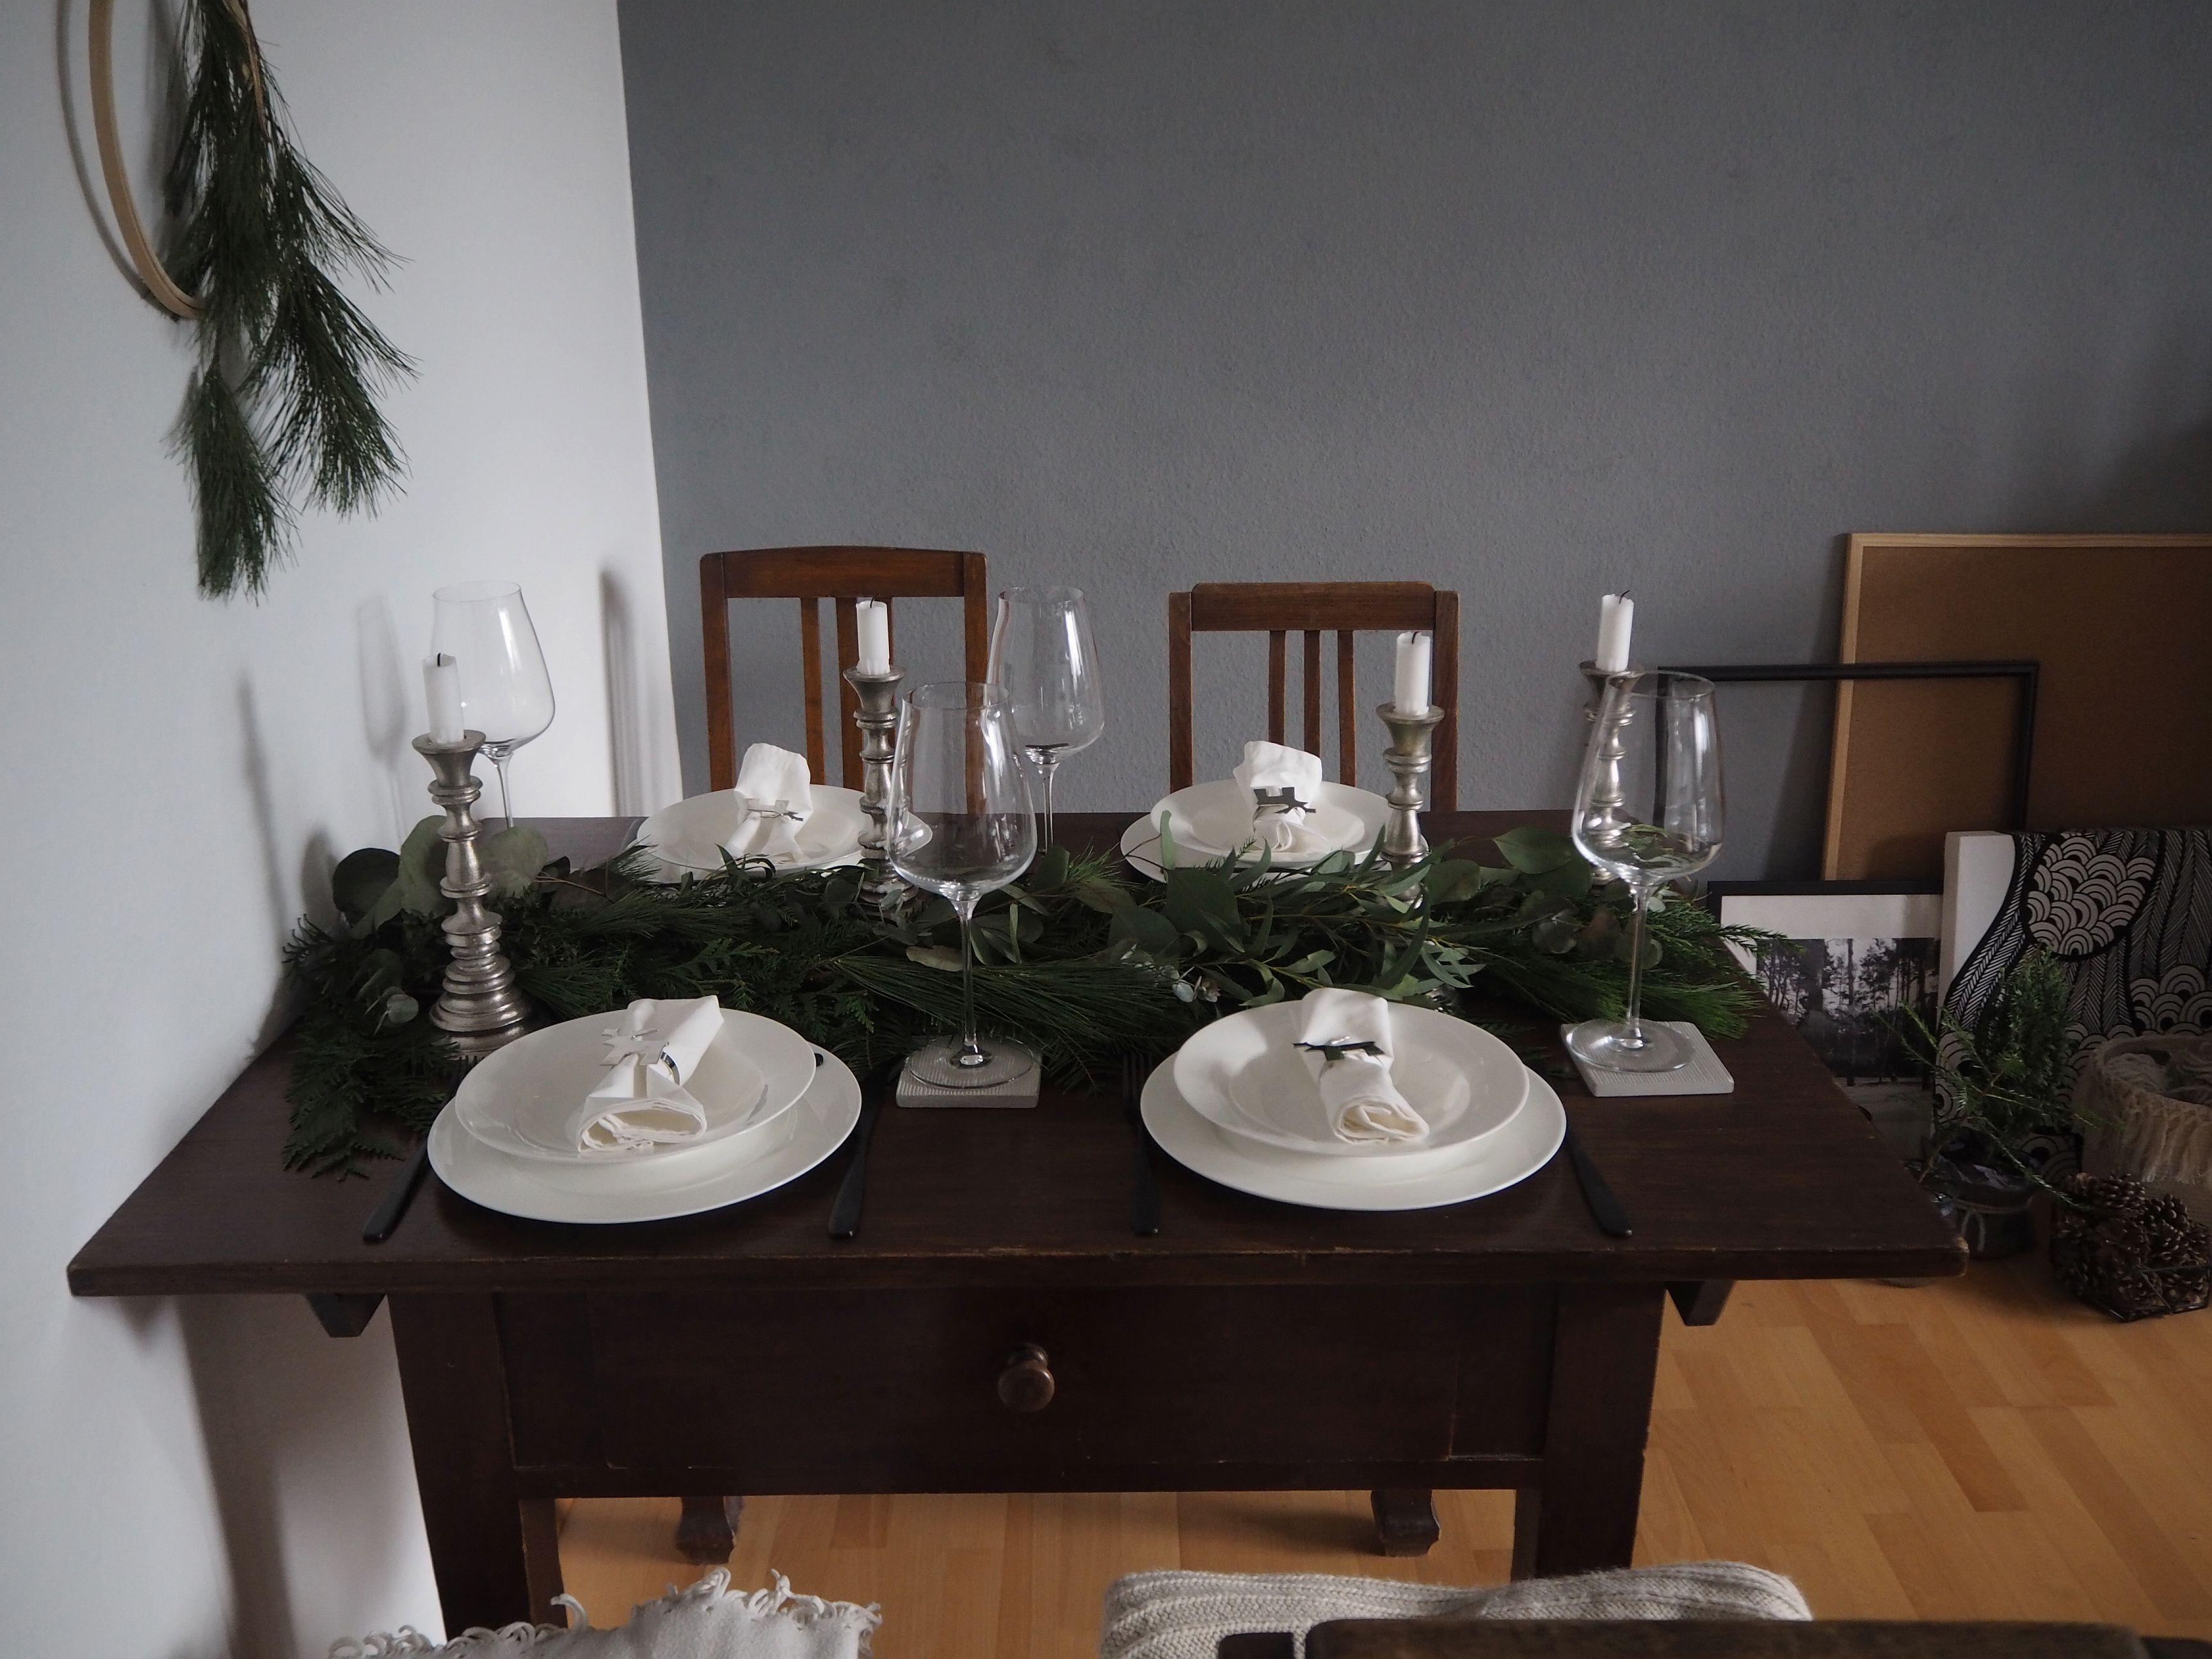 2017-12-skoen-och-kreativ-tischdeko-interior-schlichtes-skandinavisches-tablesetting-weihnachten (3